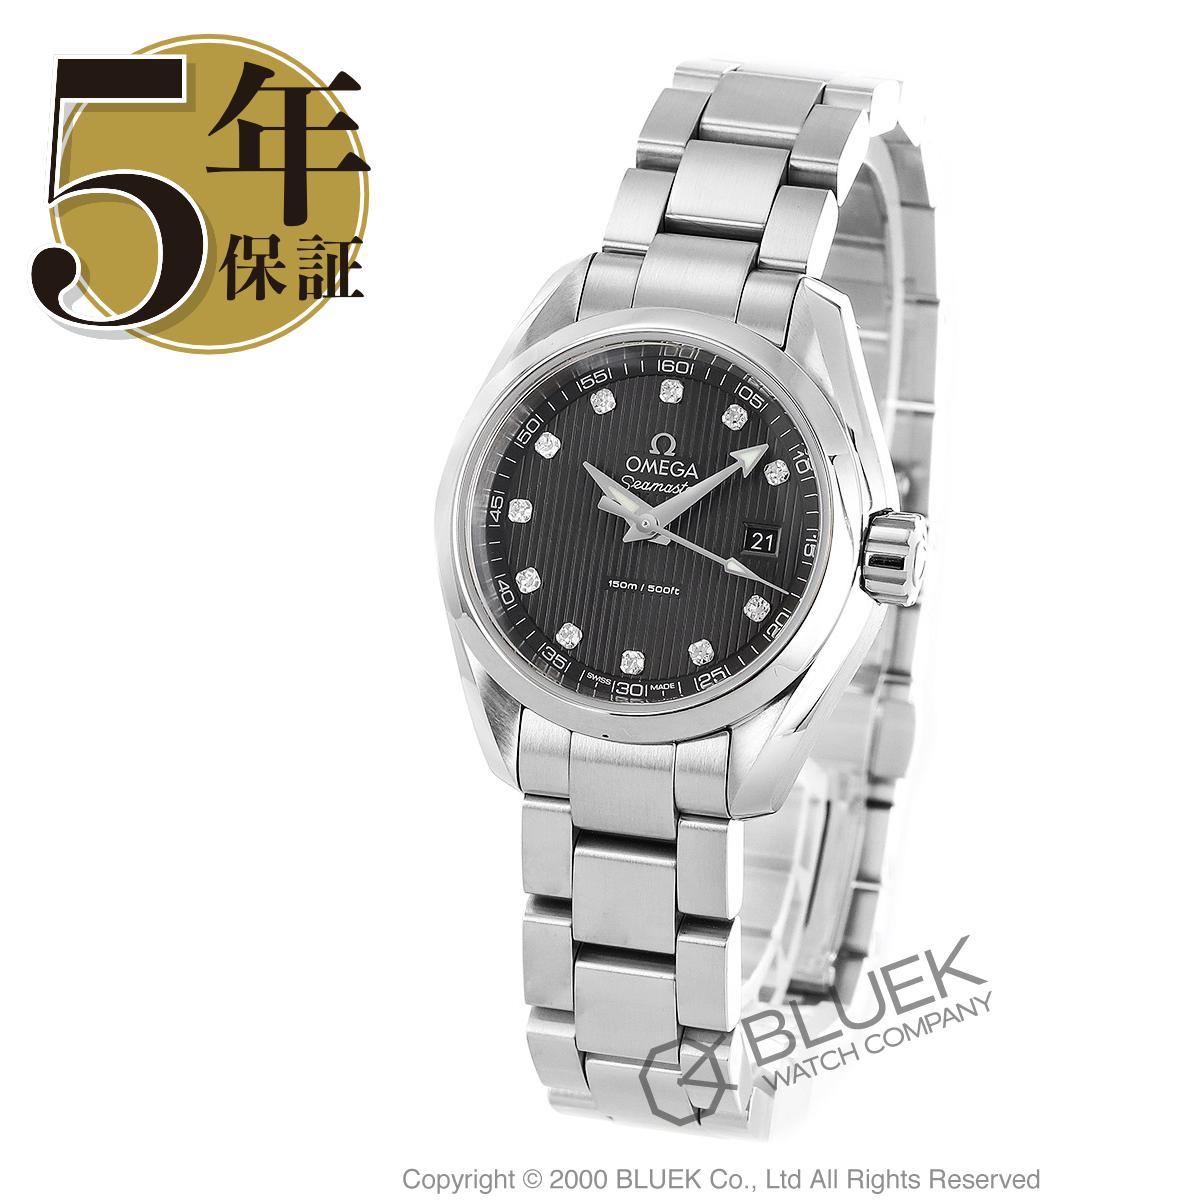 オメガ シーマスター アクアテラ ダイヤ 腕時計 レディース OMEGA 231.10.30.60.56.001_5